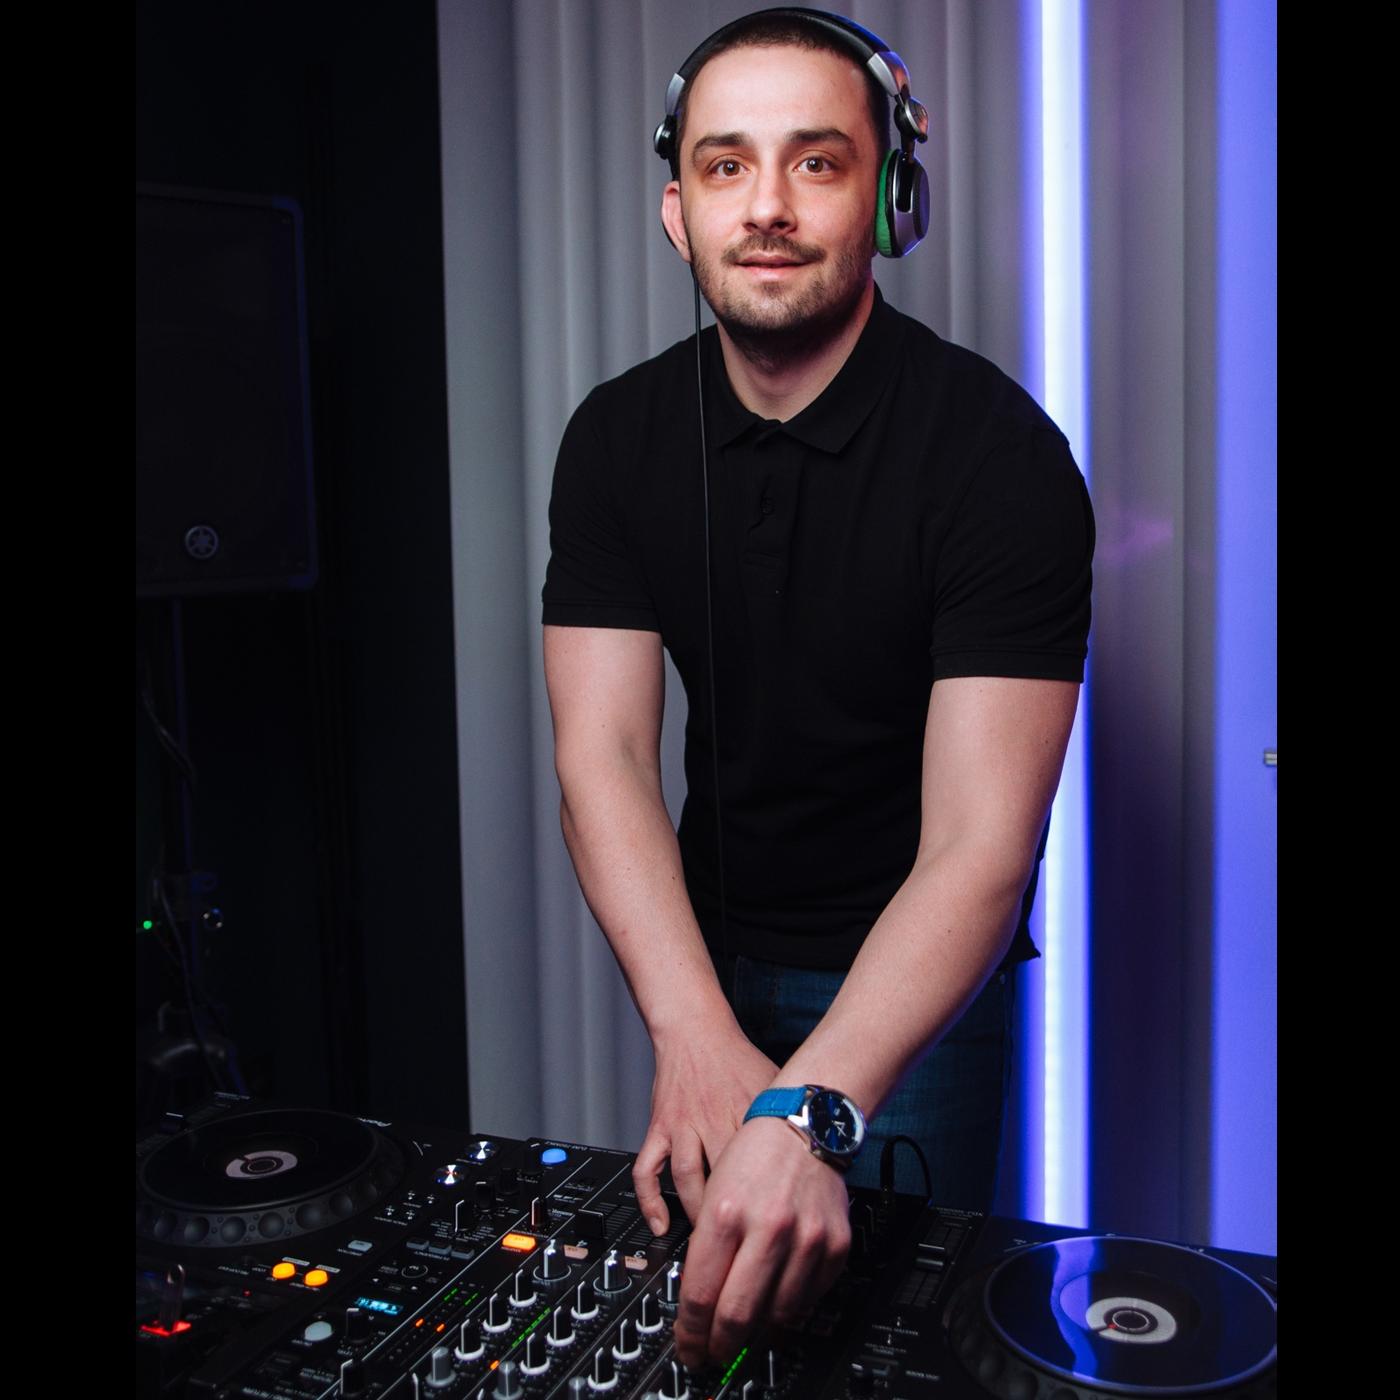 DJ Sam Martin